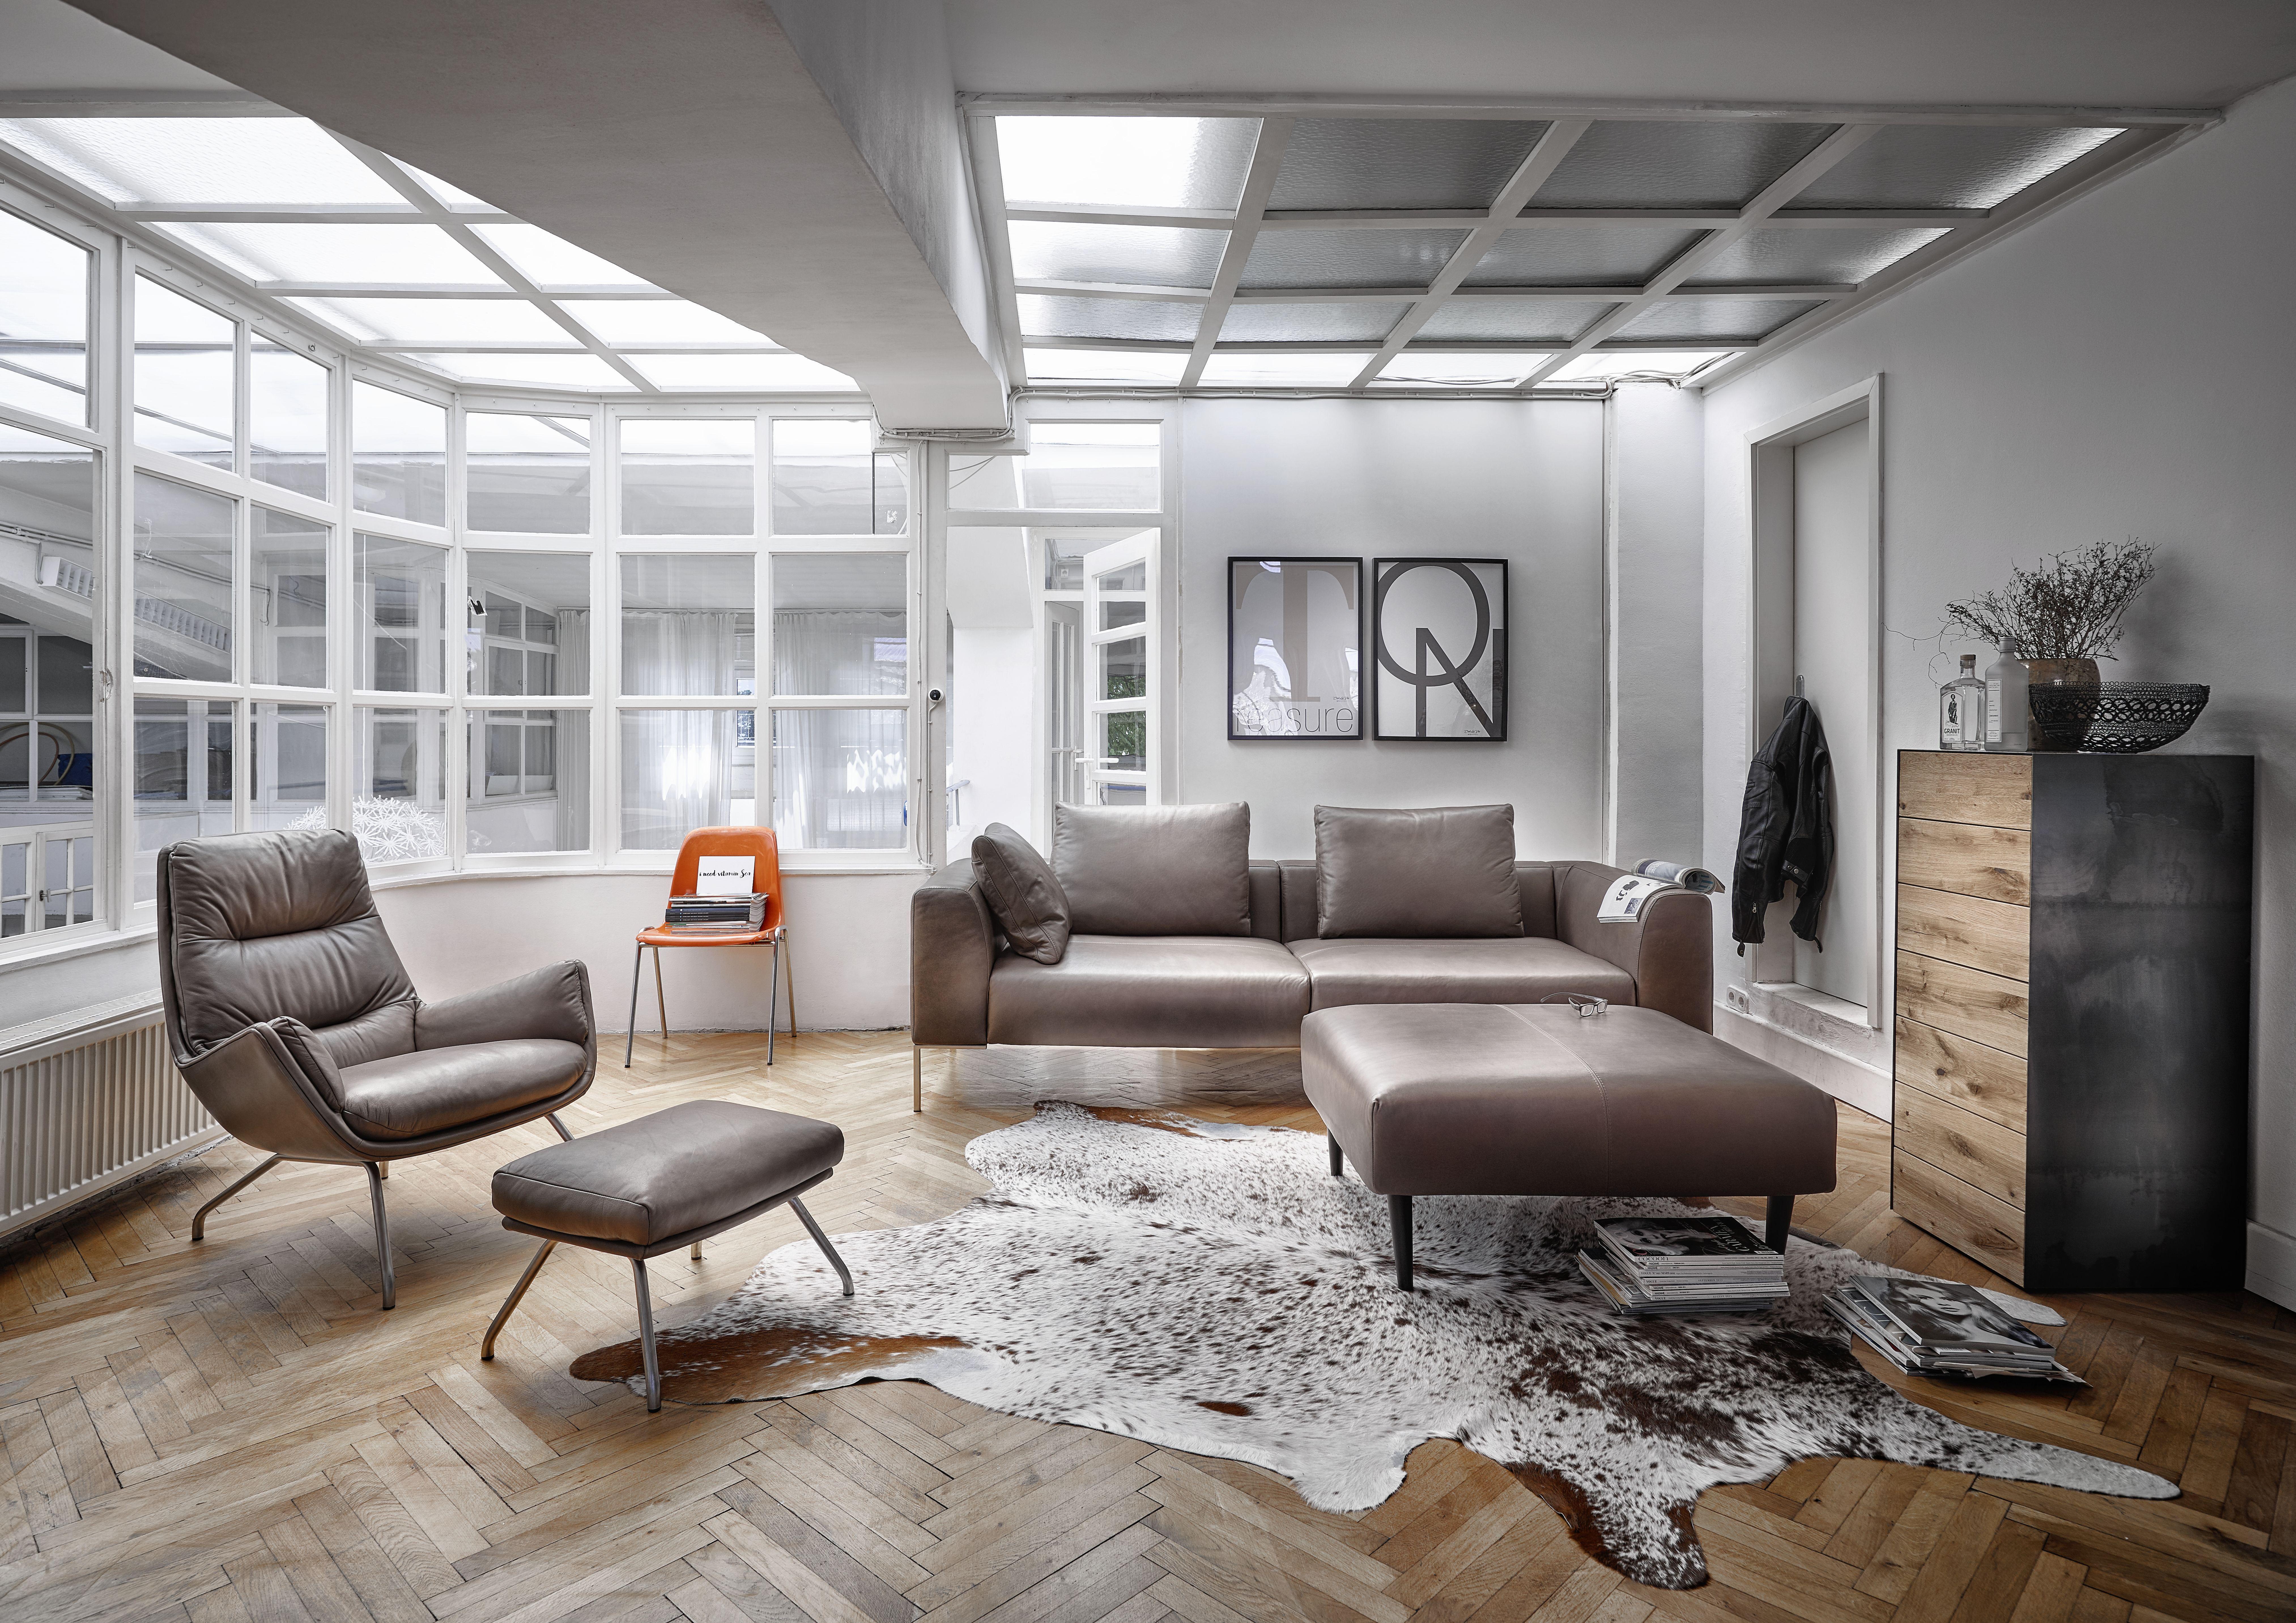 Exklusive Wohnzimmermöbel ~ Hier haben alle platz.#wohnzimmer #couch #sofa wohnzimmer pinterest